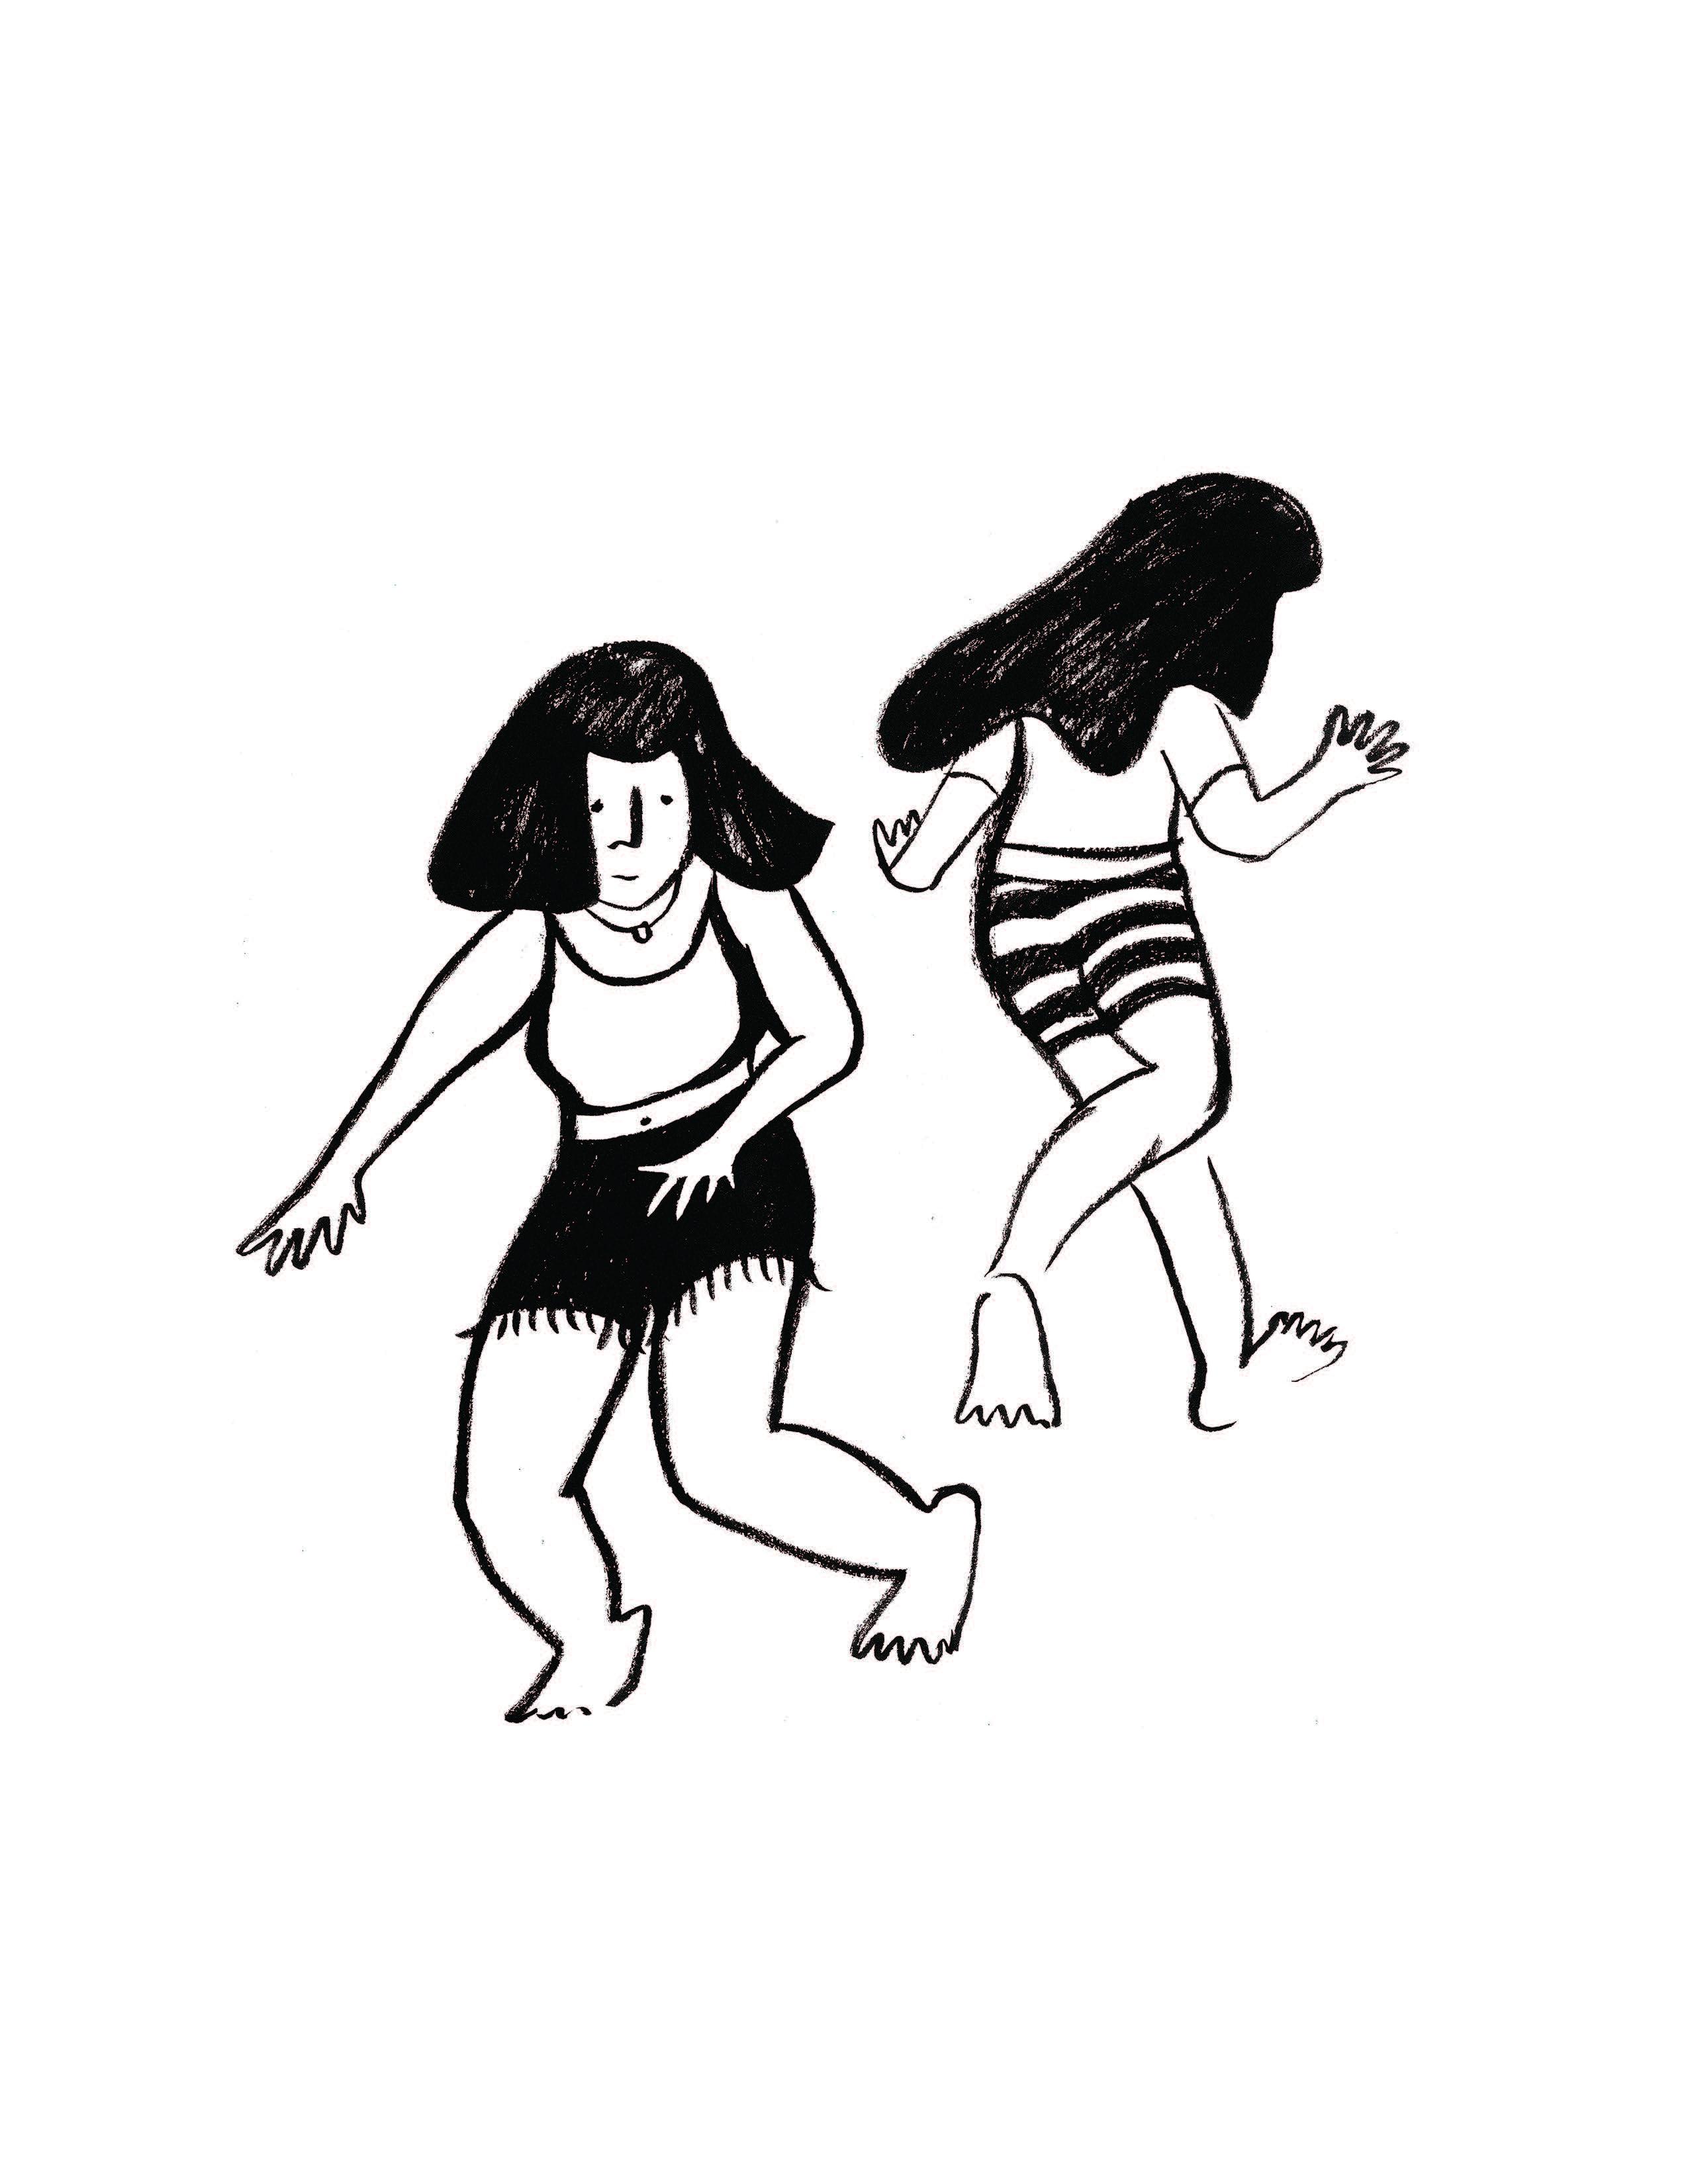 ladies_drawings_8.5x11_Page_24